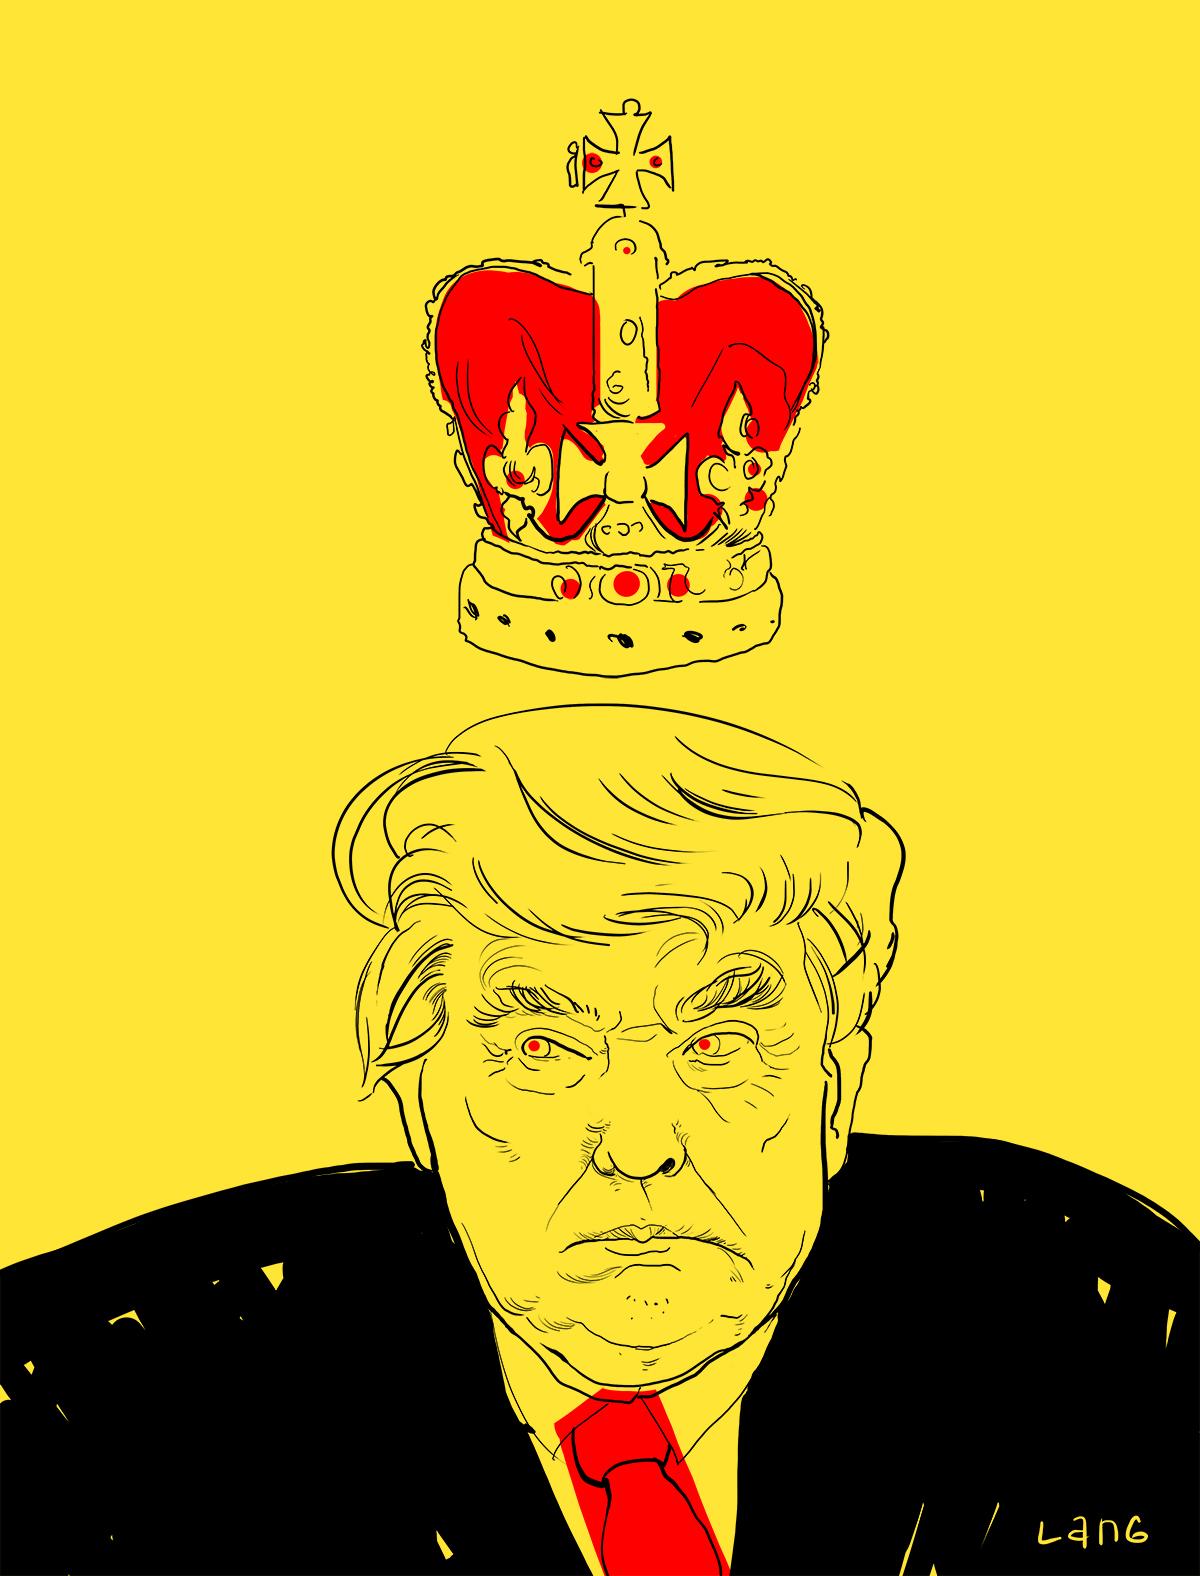 Lang_Trump-crown.jpg